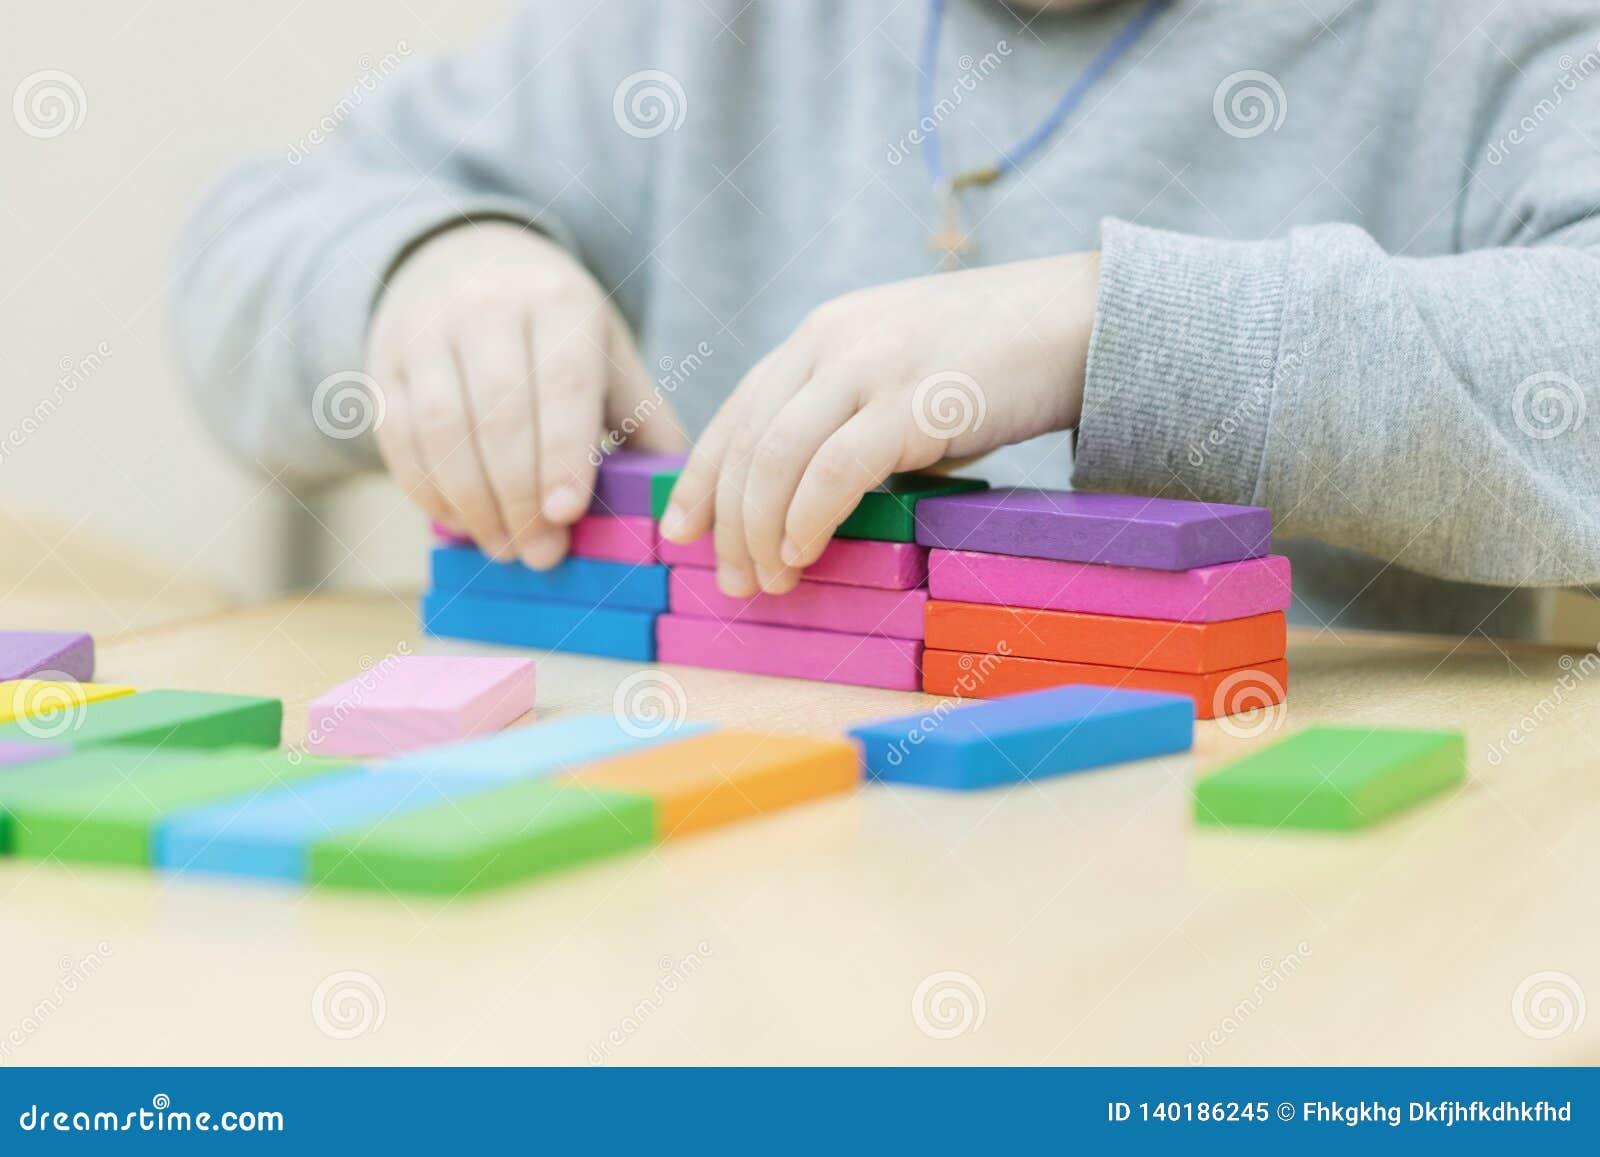 Een hand zet laatste kubus op de bovenkant van pyramide